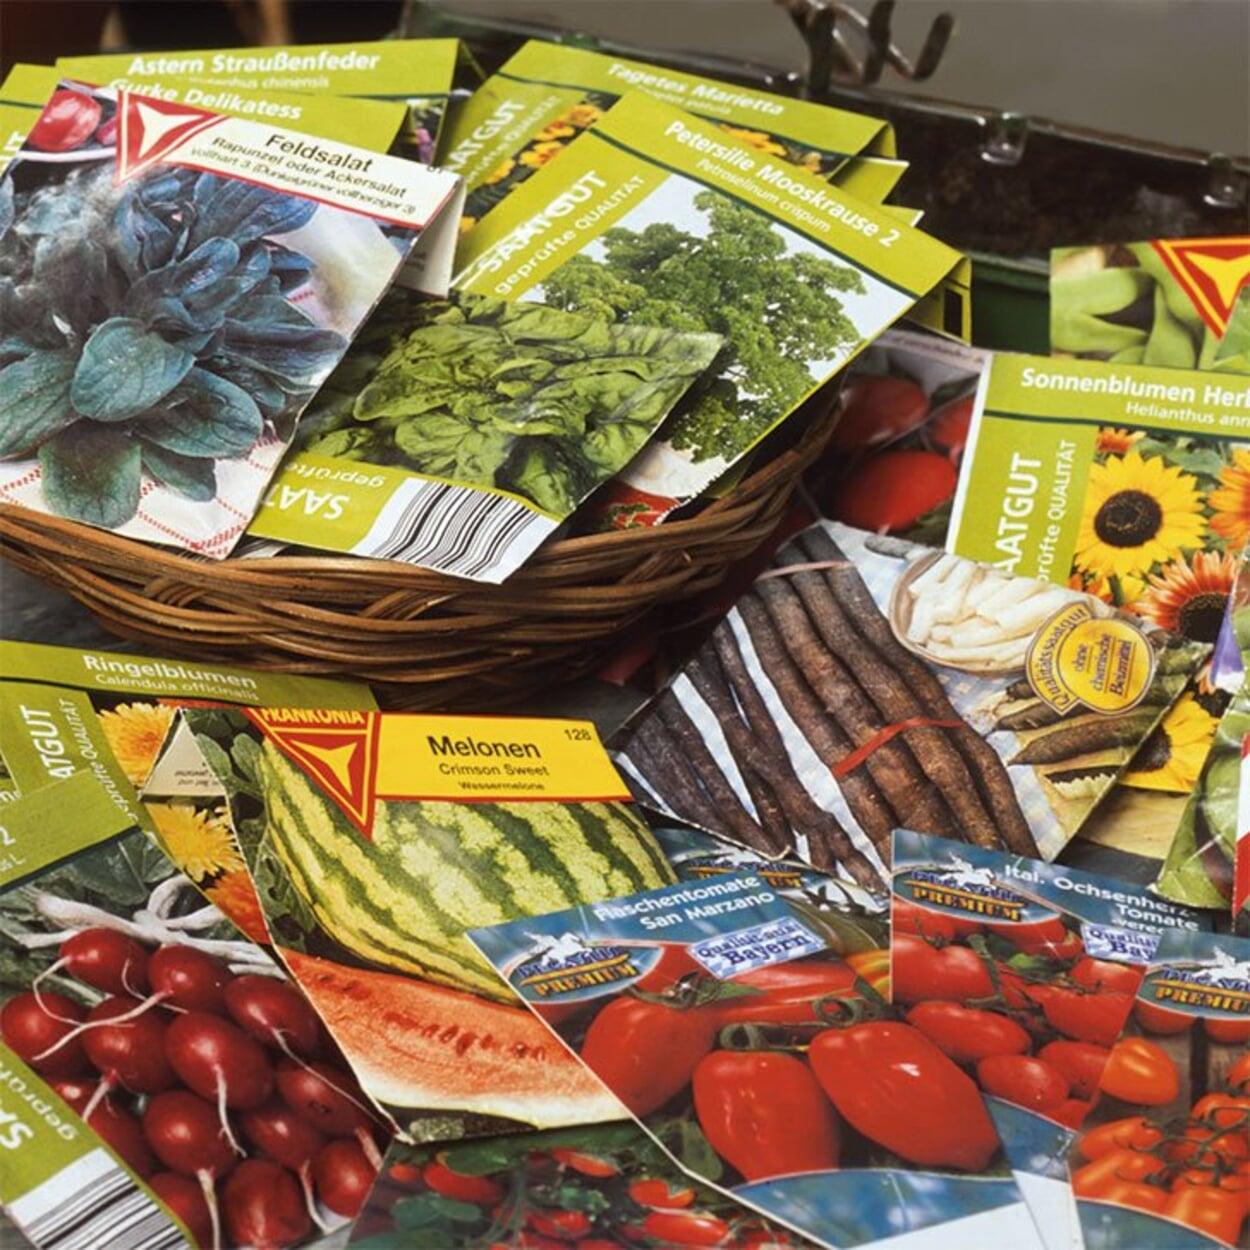 Den vorhandenen Saatgutbestand sichten